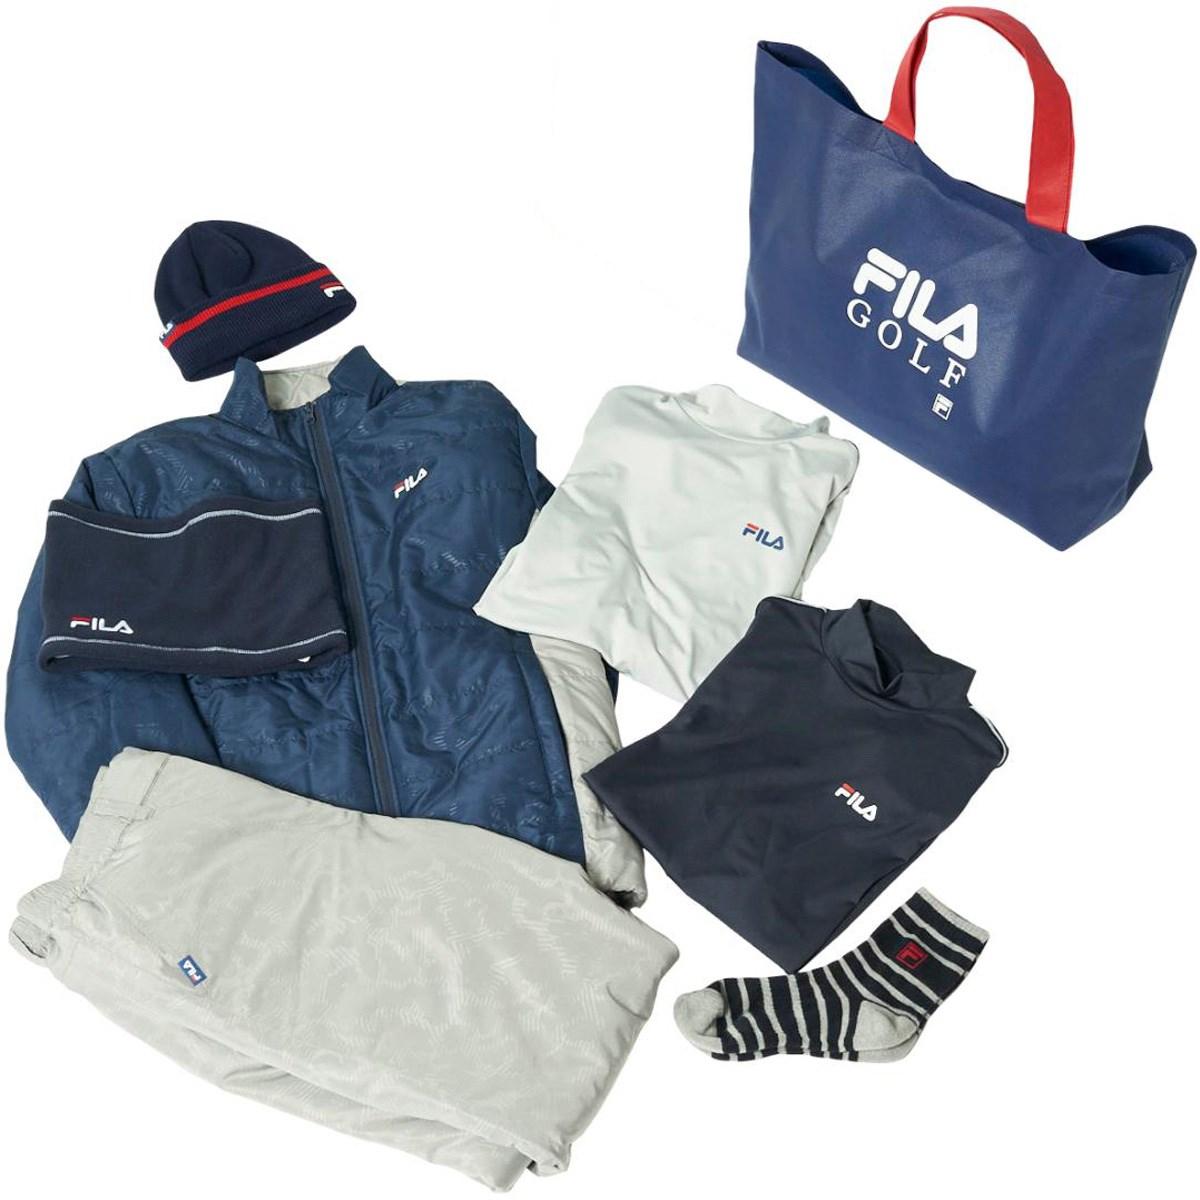 フィラ(FILA) 福袋【2020年11月25日発売予定】